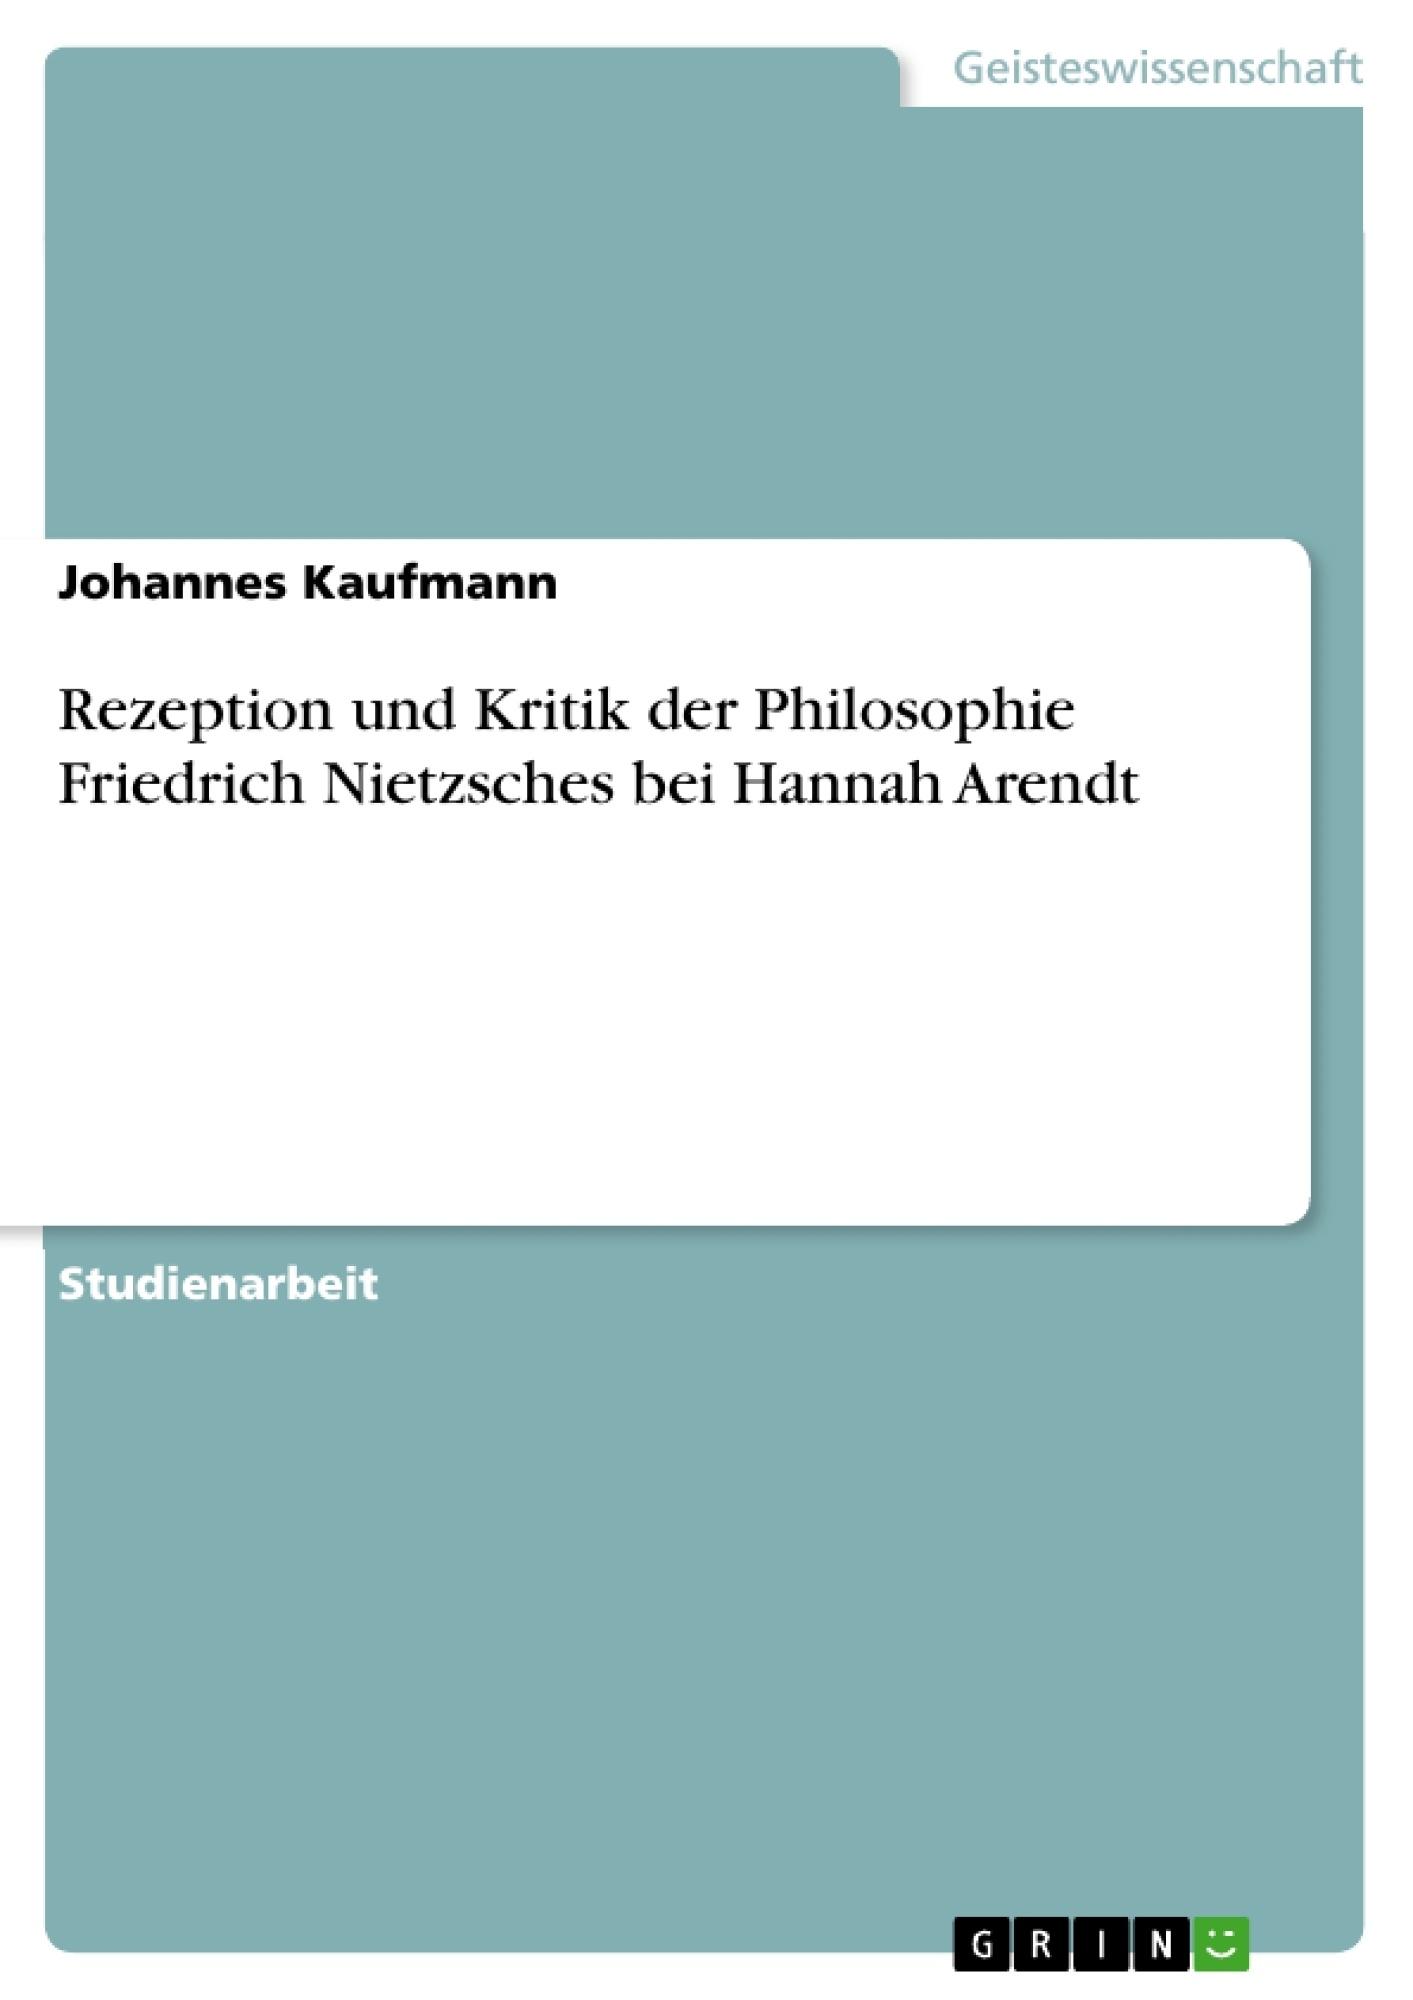 Titel: Rezeption und Kritik der Philosophie Friedrich Nietzsches bei Hannah Arendt